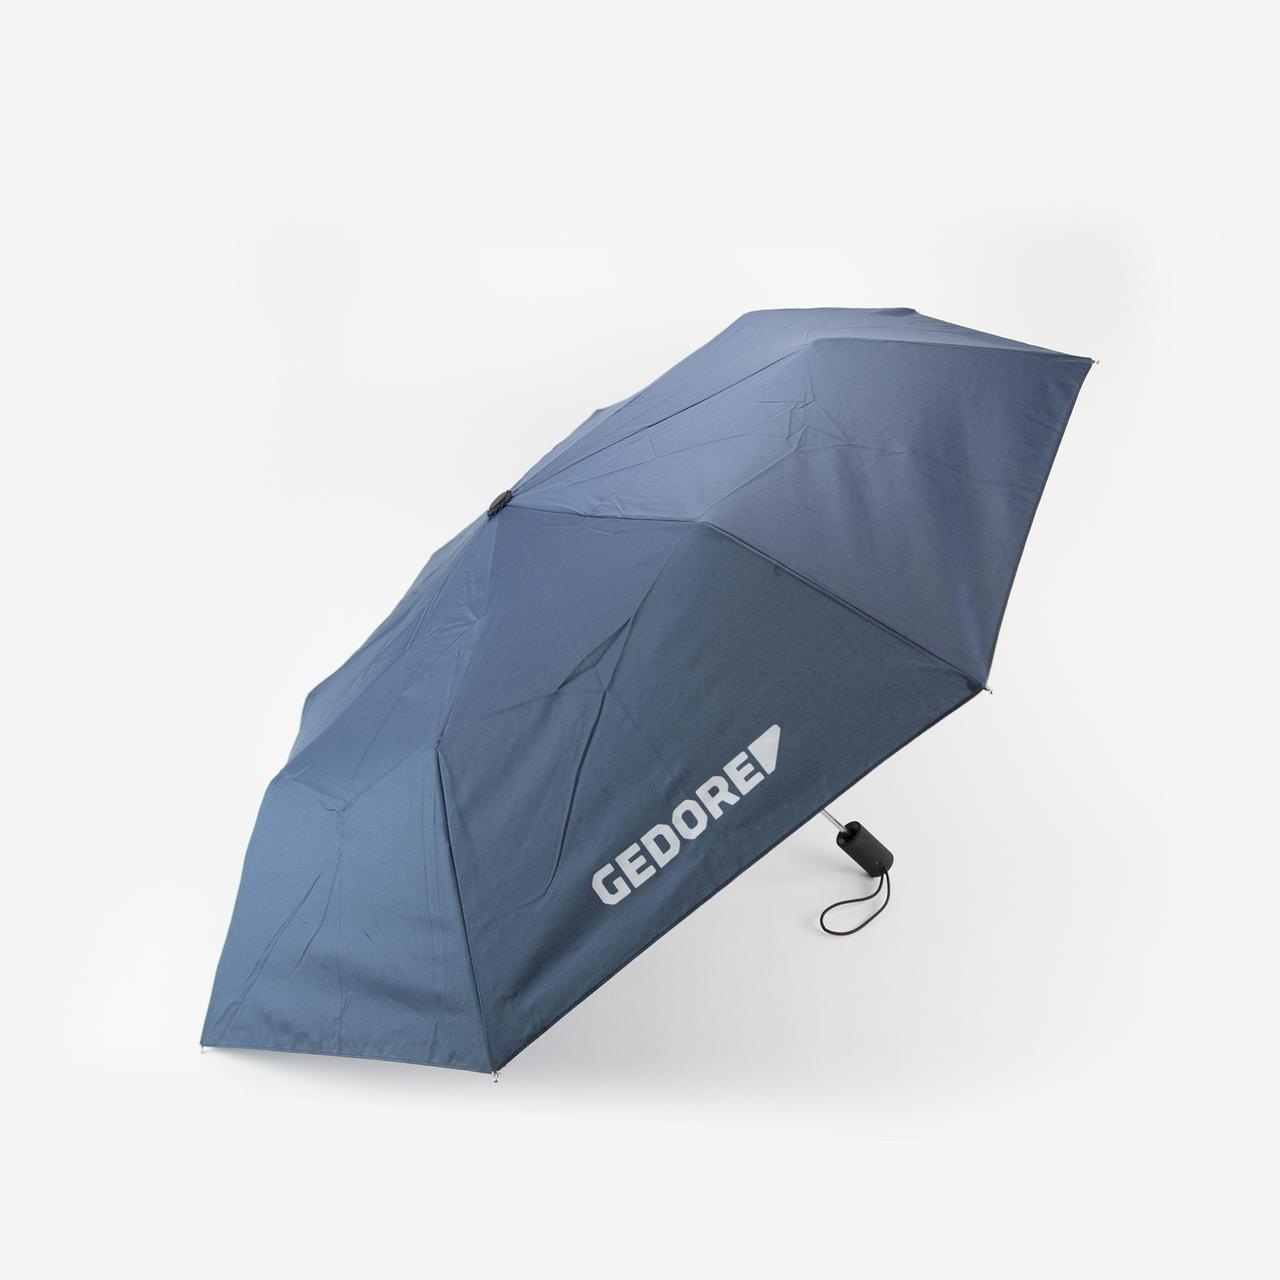 Gedore Umbrella - KC Tool